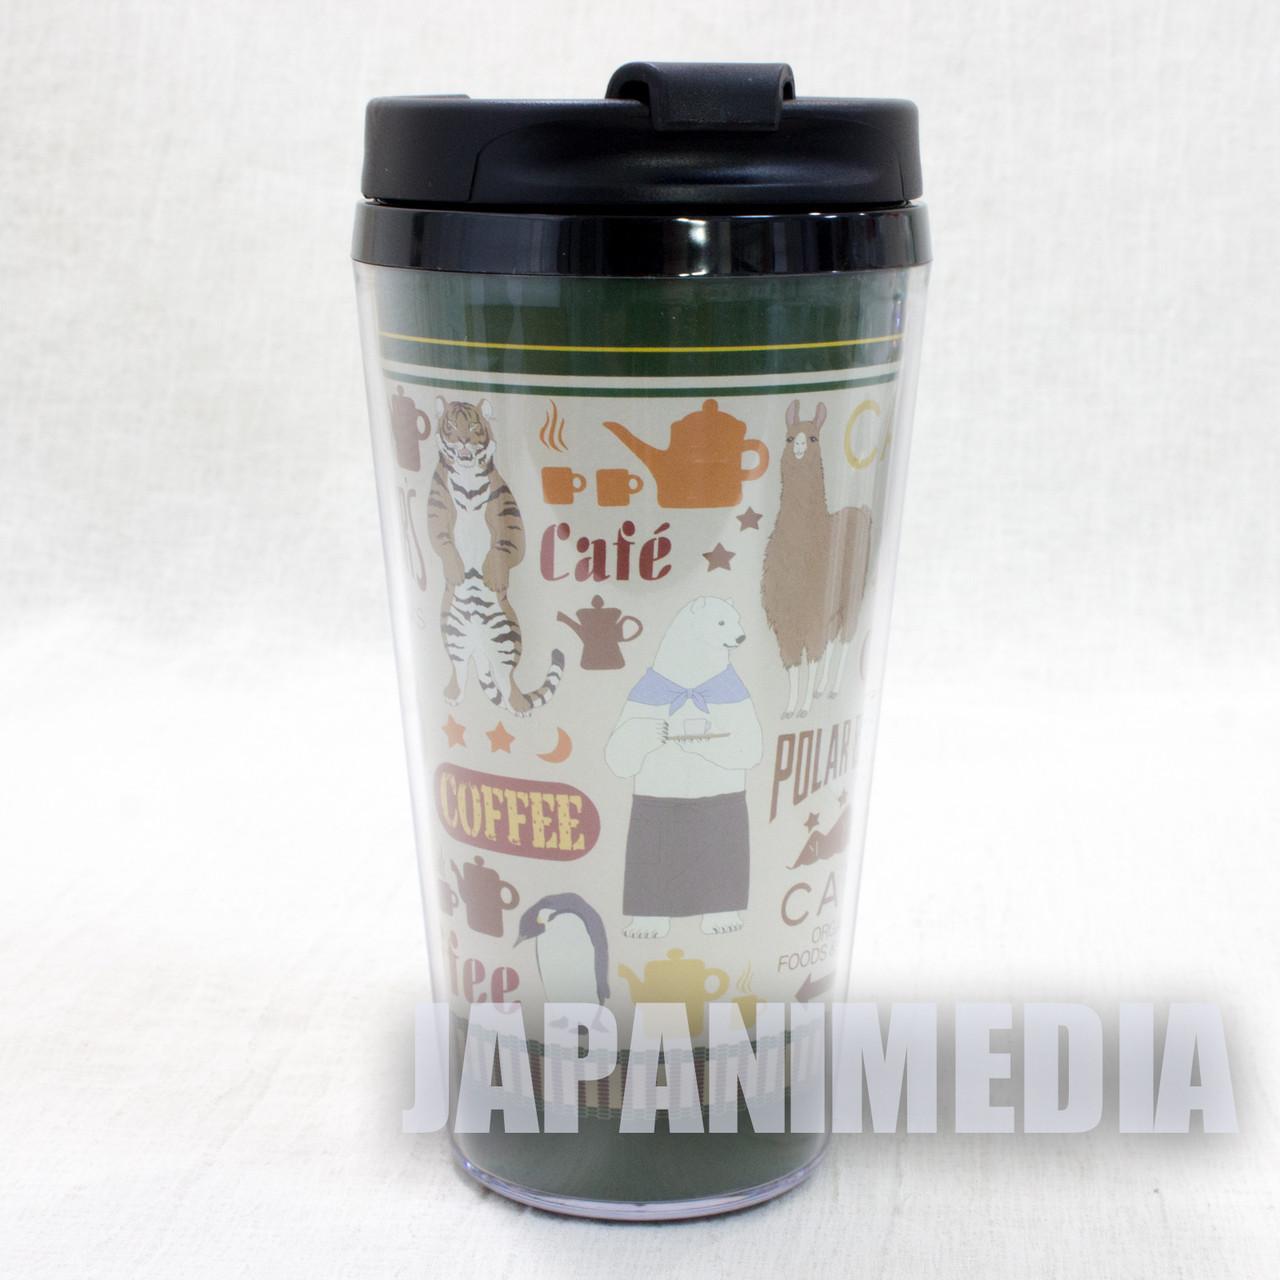 2014 Ichiban Kuji D Shirokuma Cafe Tumbler Polar Bear Cafe Limited Kawaii Japan